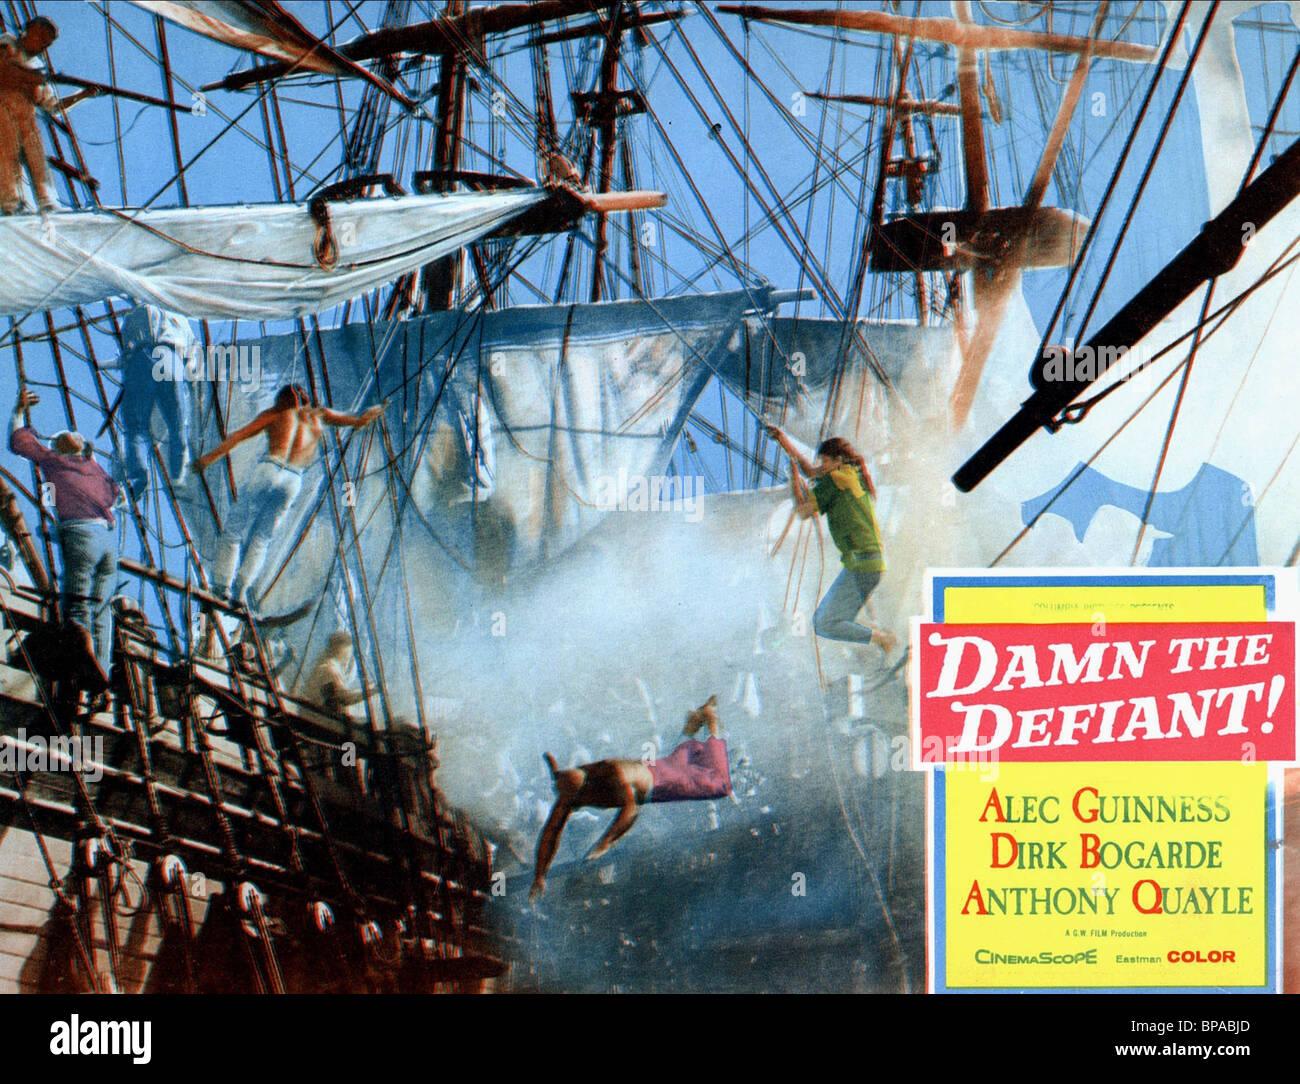 BATTLE SCENE H.M.S. DEFIANT; DAMN THE DEFIANT (1962) - Stock Image